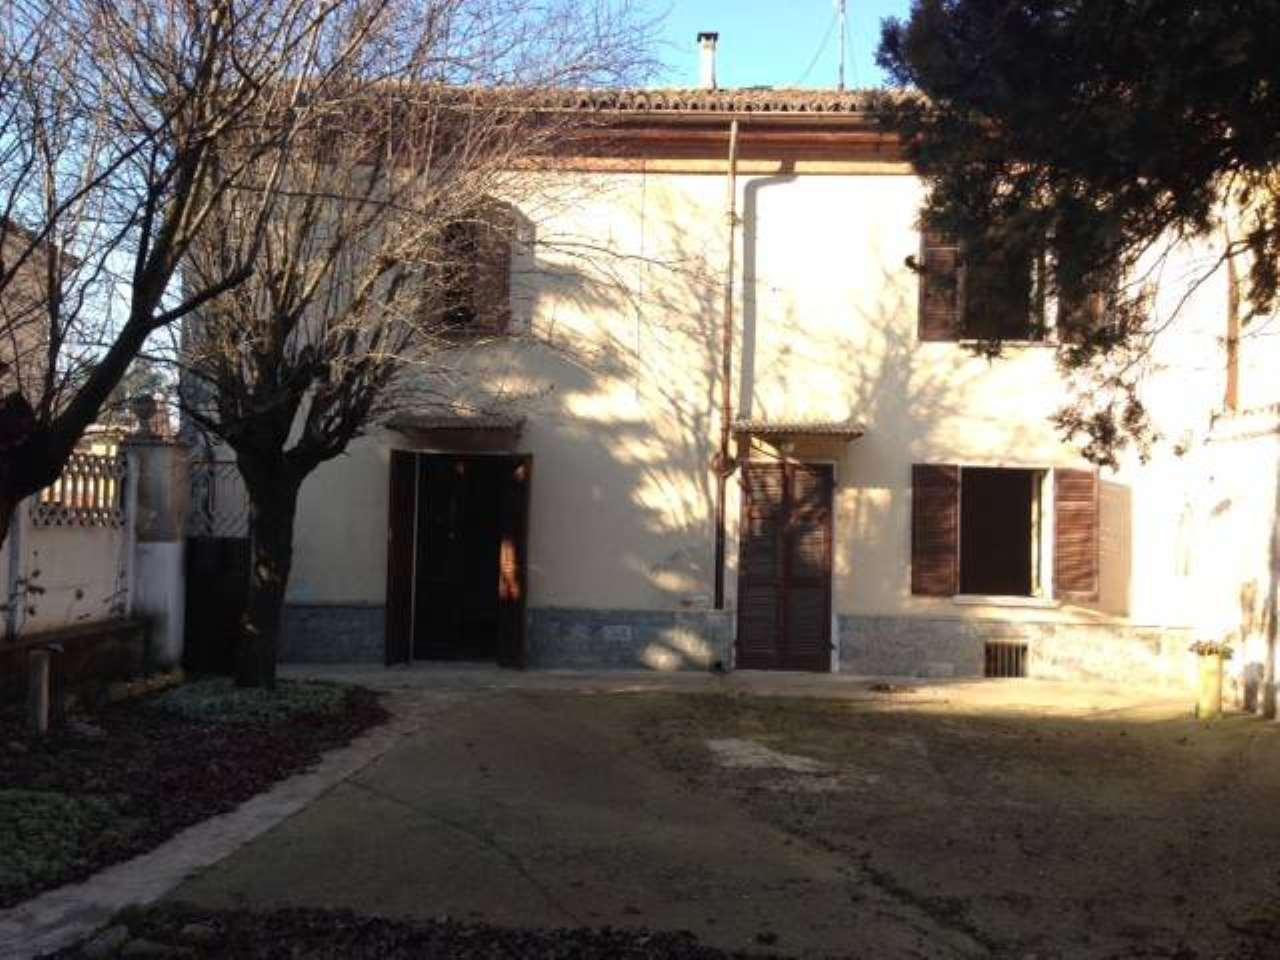 Soluzione Indipendente in vendita a Frugarolo, 3 locali, prezzo € 59.000 | CambioCasa.it